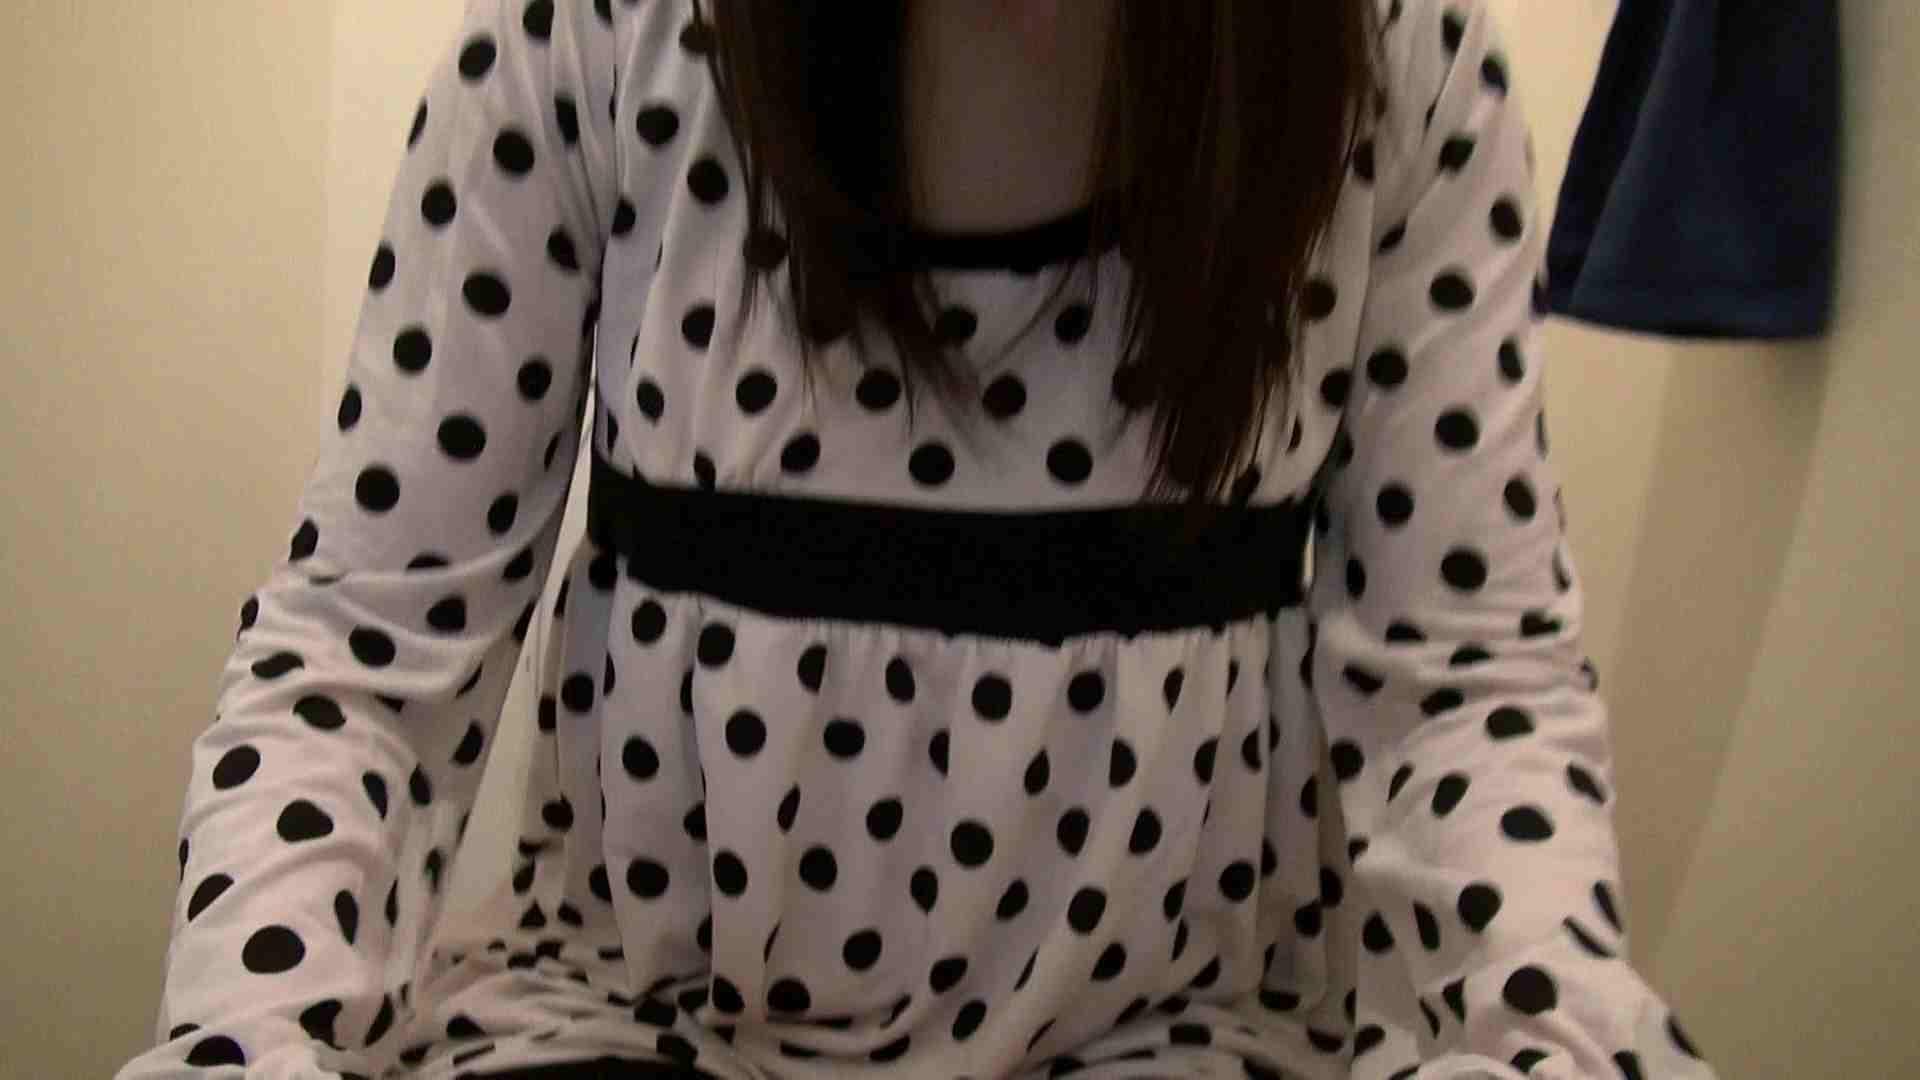 志穂さんにお手洗いに行ってもらいましょう 特撮オマンコ | 覗き  105連発 57